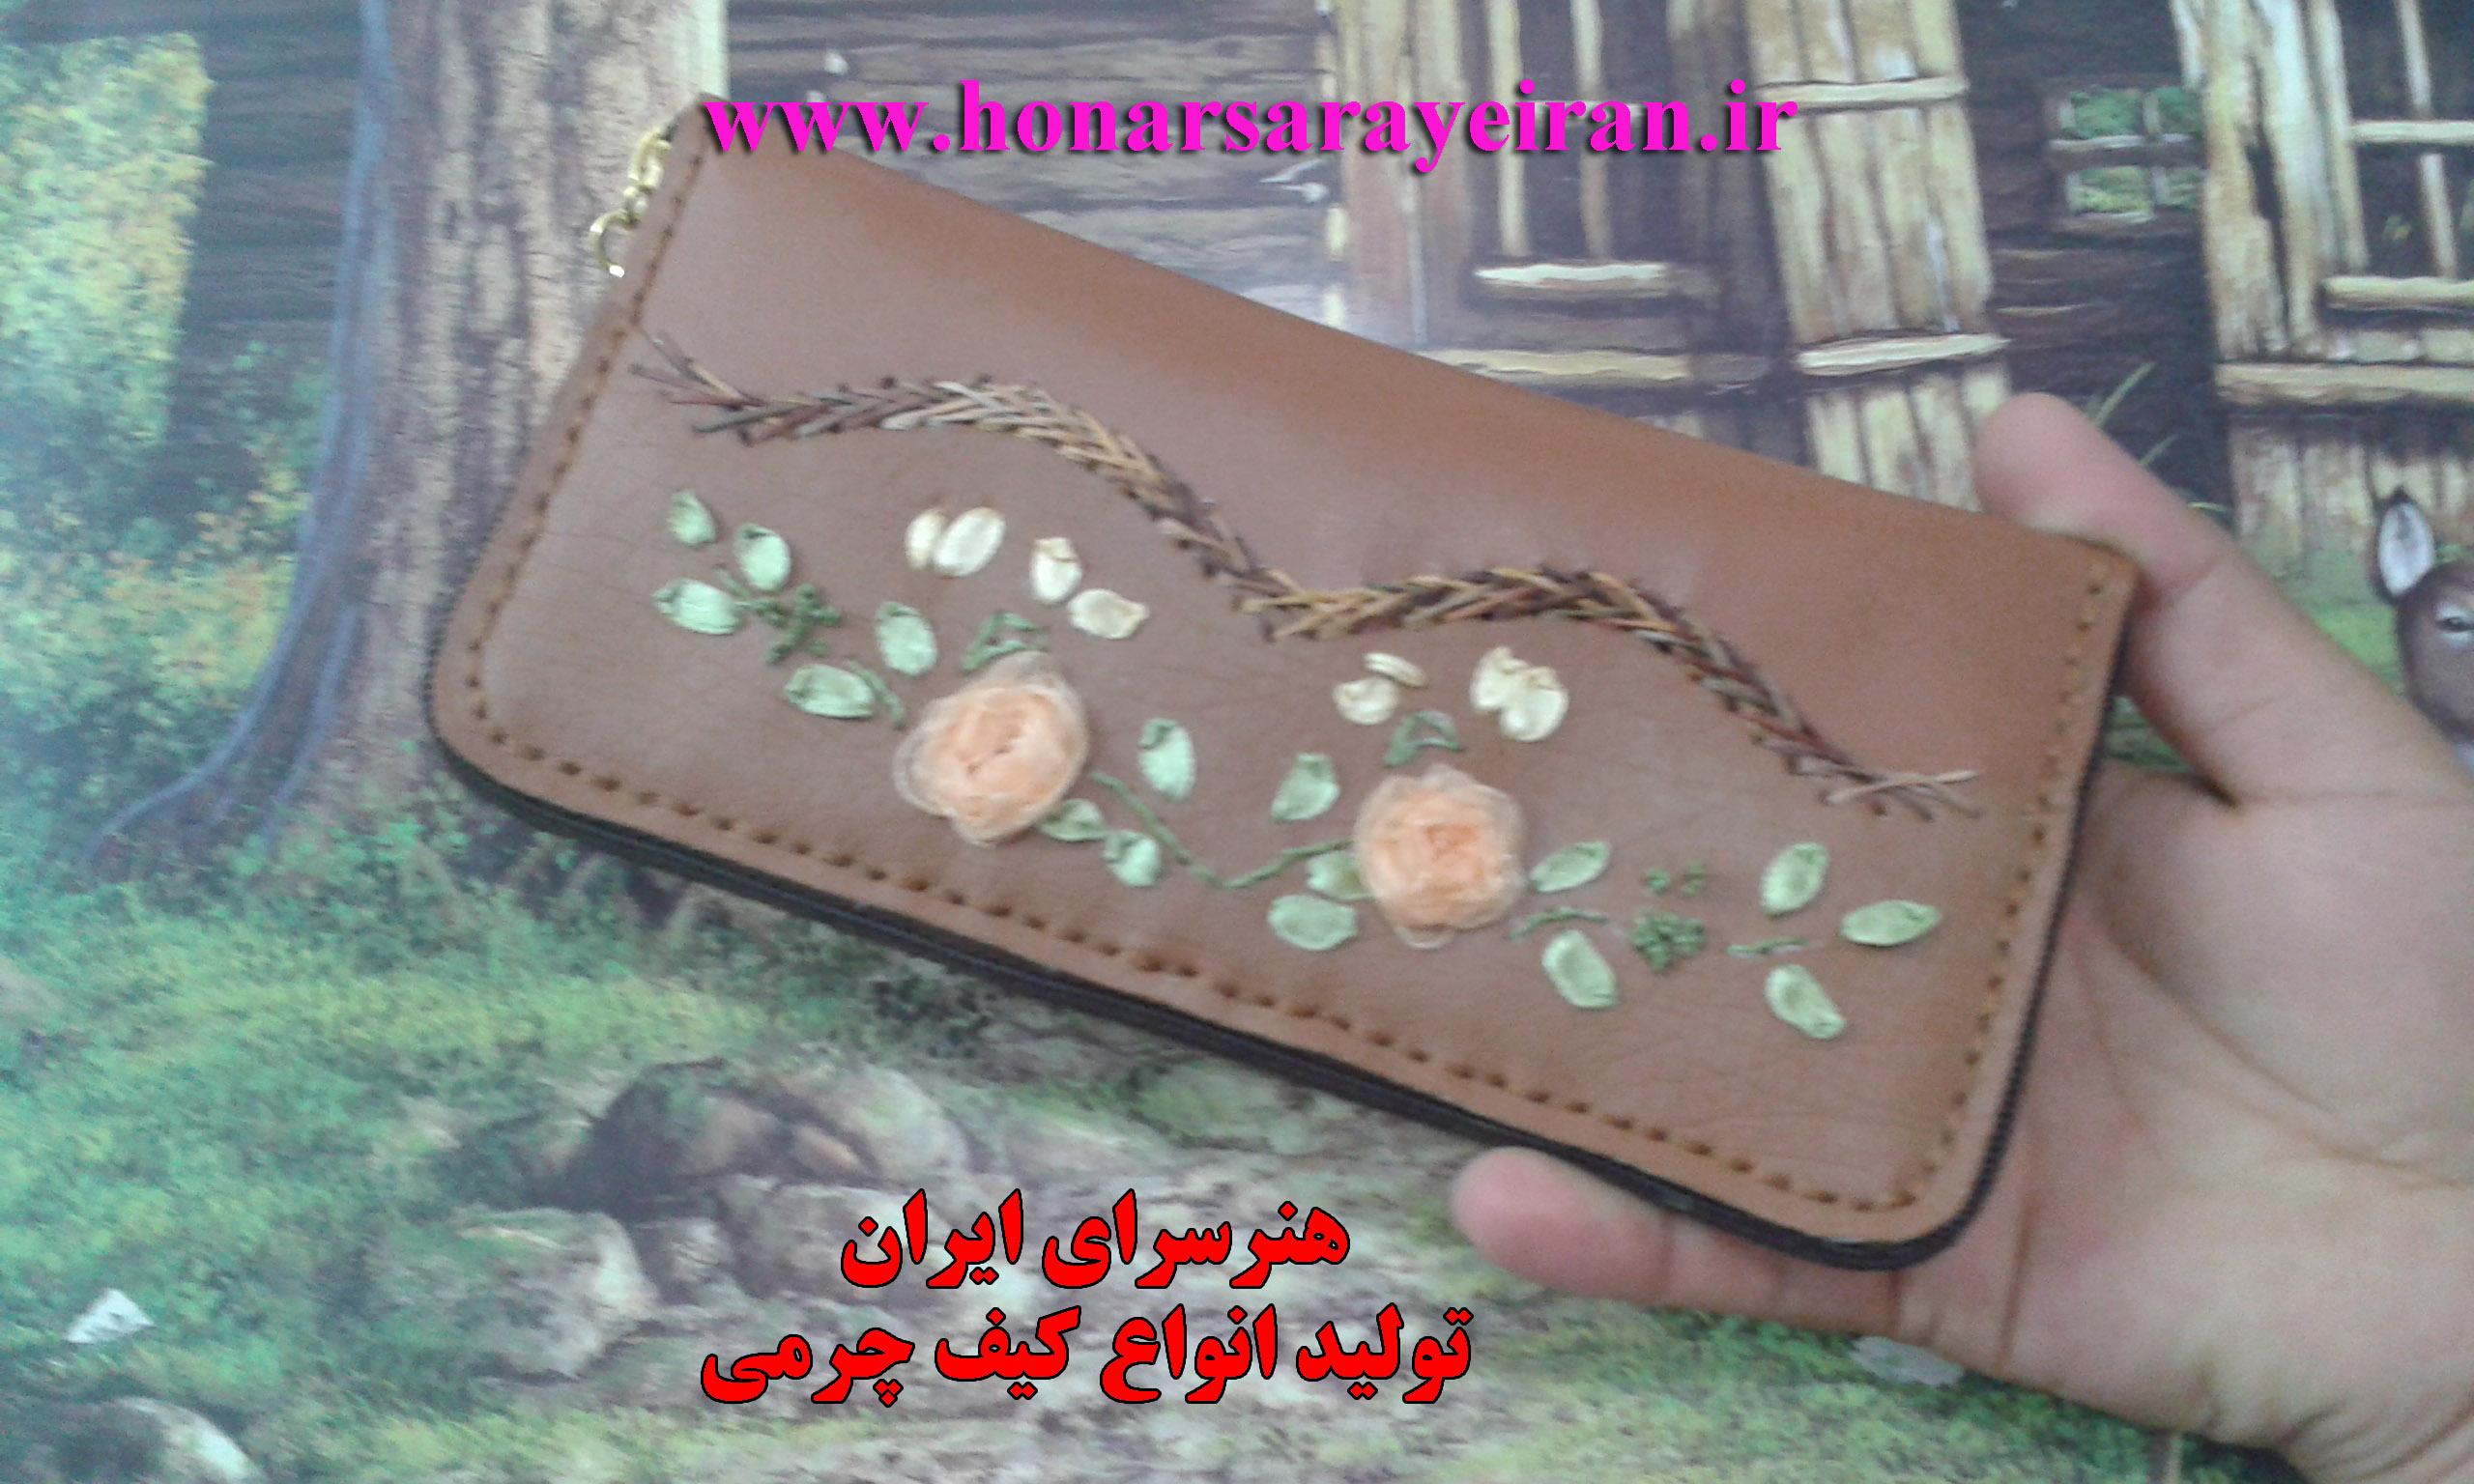 کیف پول چرم زنانه روبان دوزی شده (128)